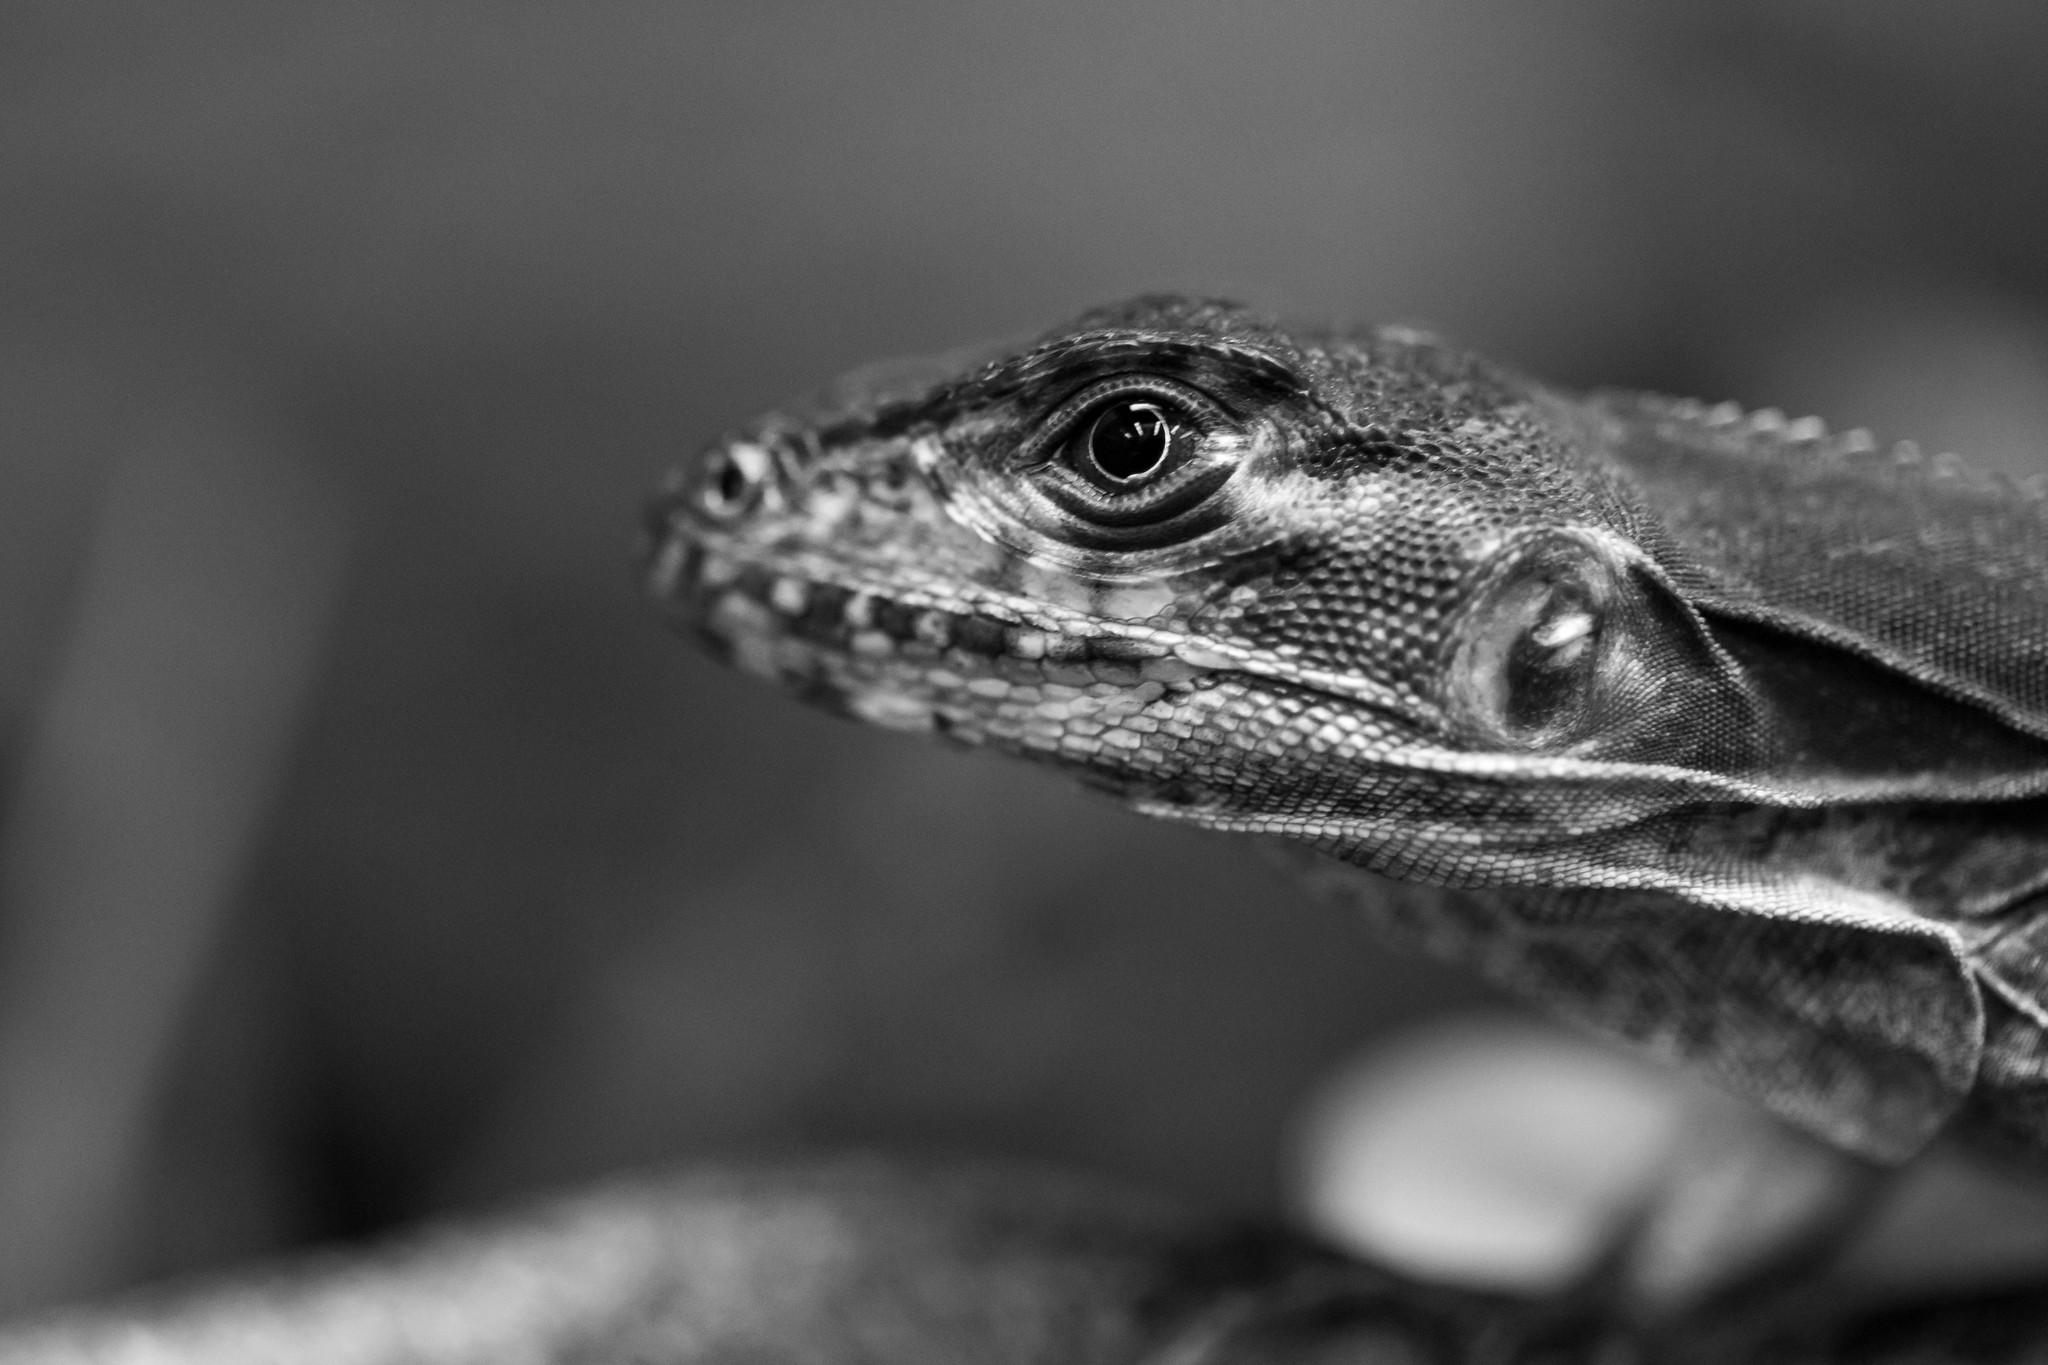 Haitian Lizard